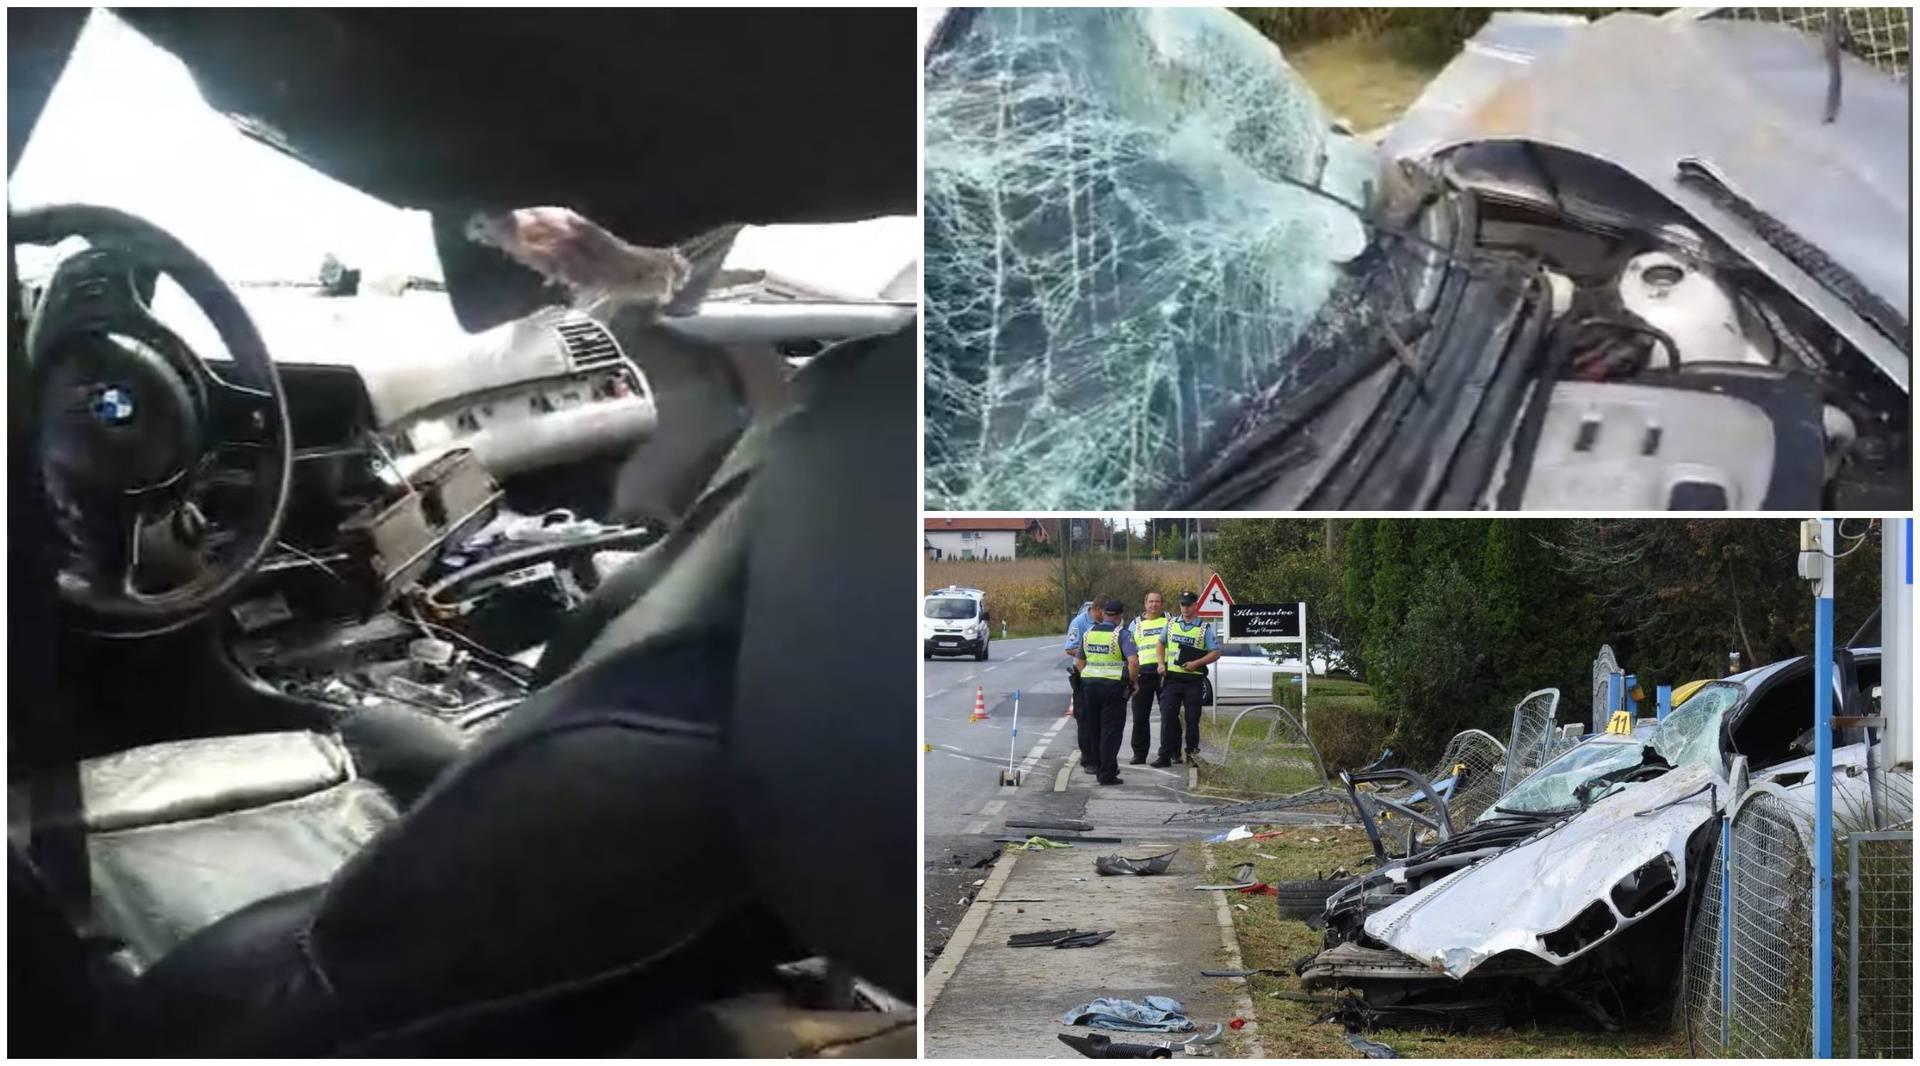 Alkohol kumovao nesreći kraj Čazme: Vozač se nije niti vezao!